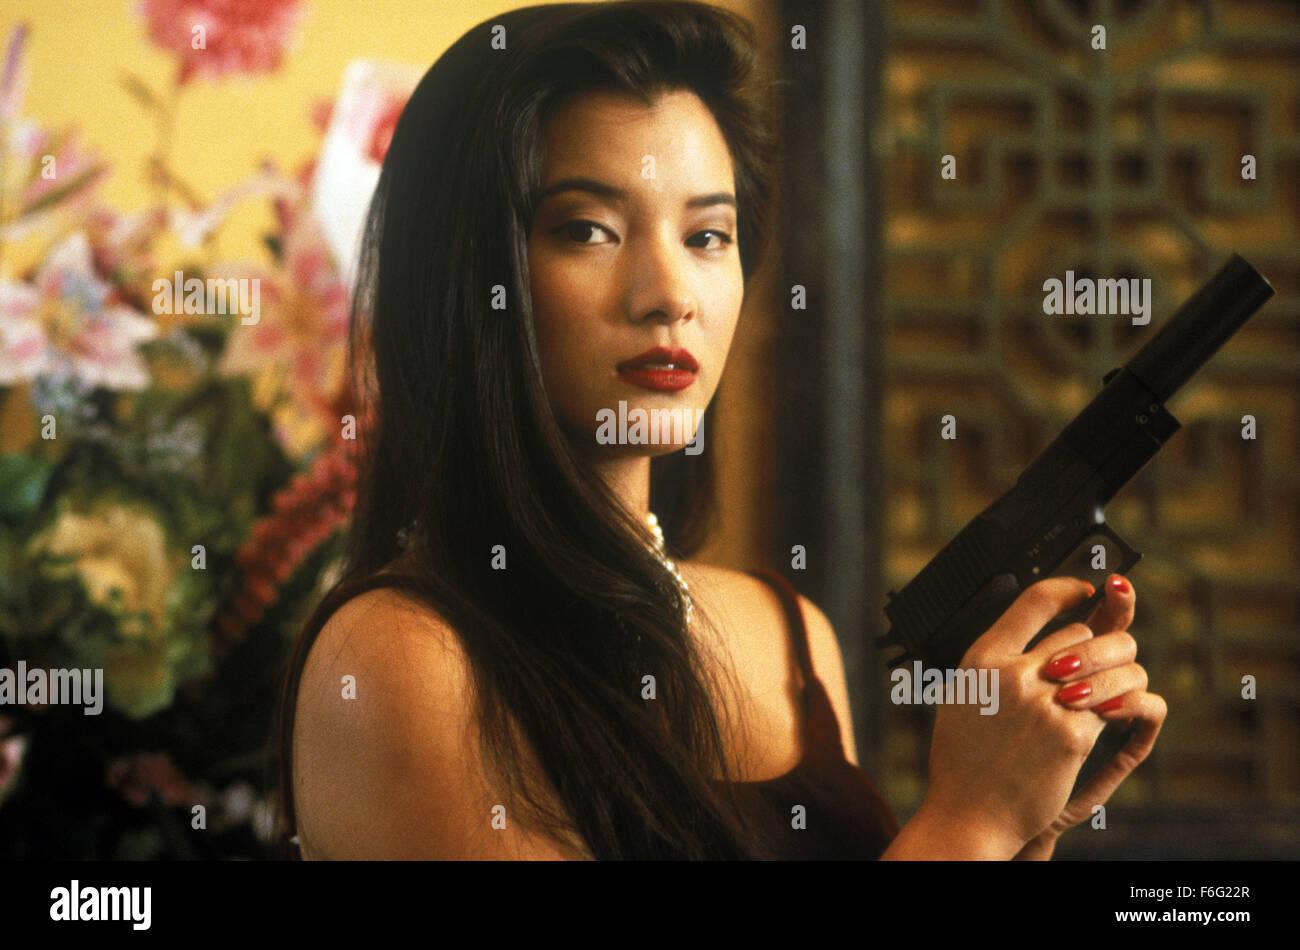 Bill Paxton May 13 1995 Los Angeles Ca Usa Kelly Hu As Seiko